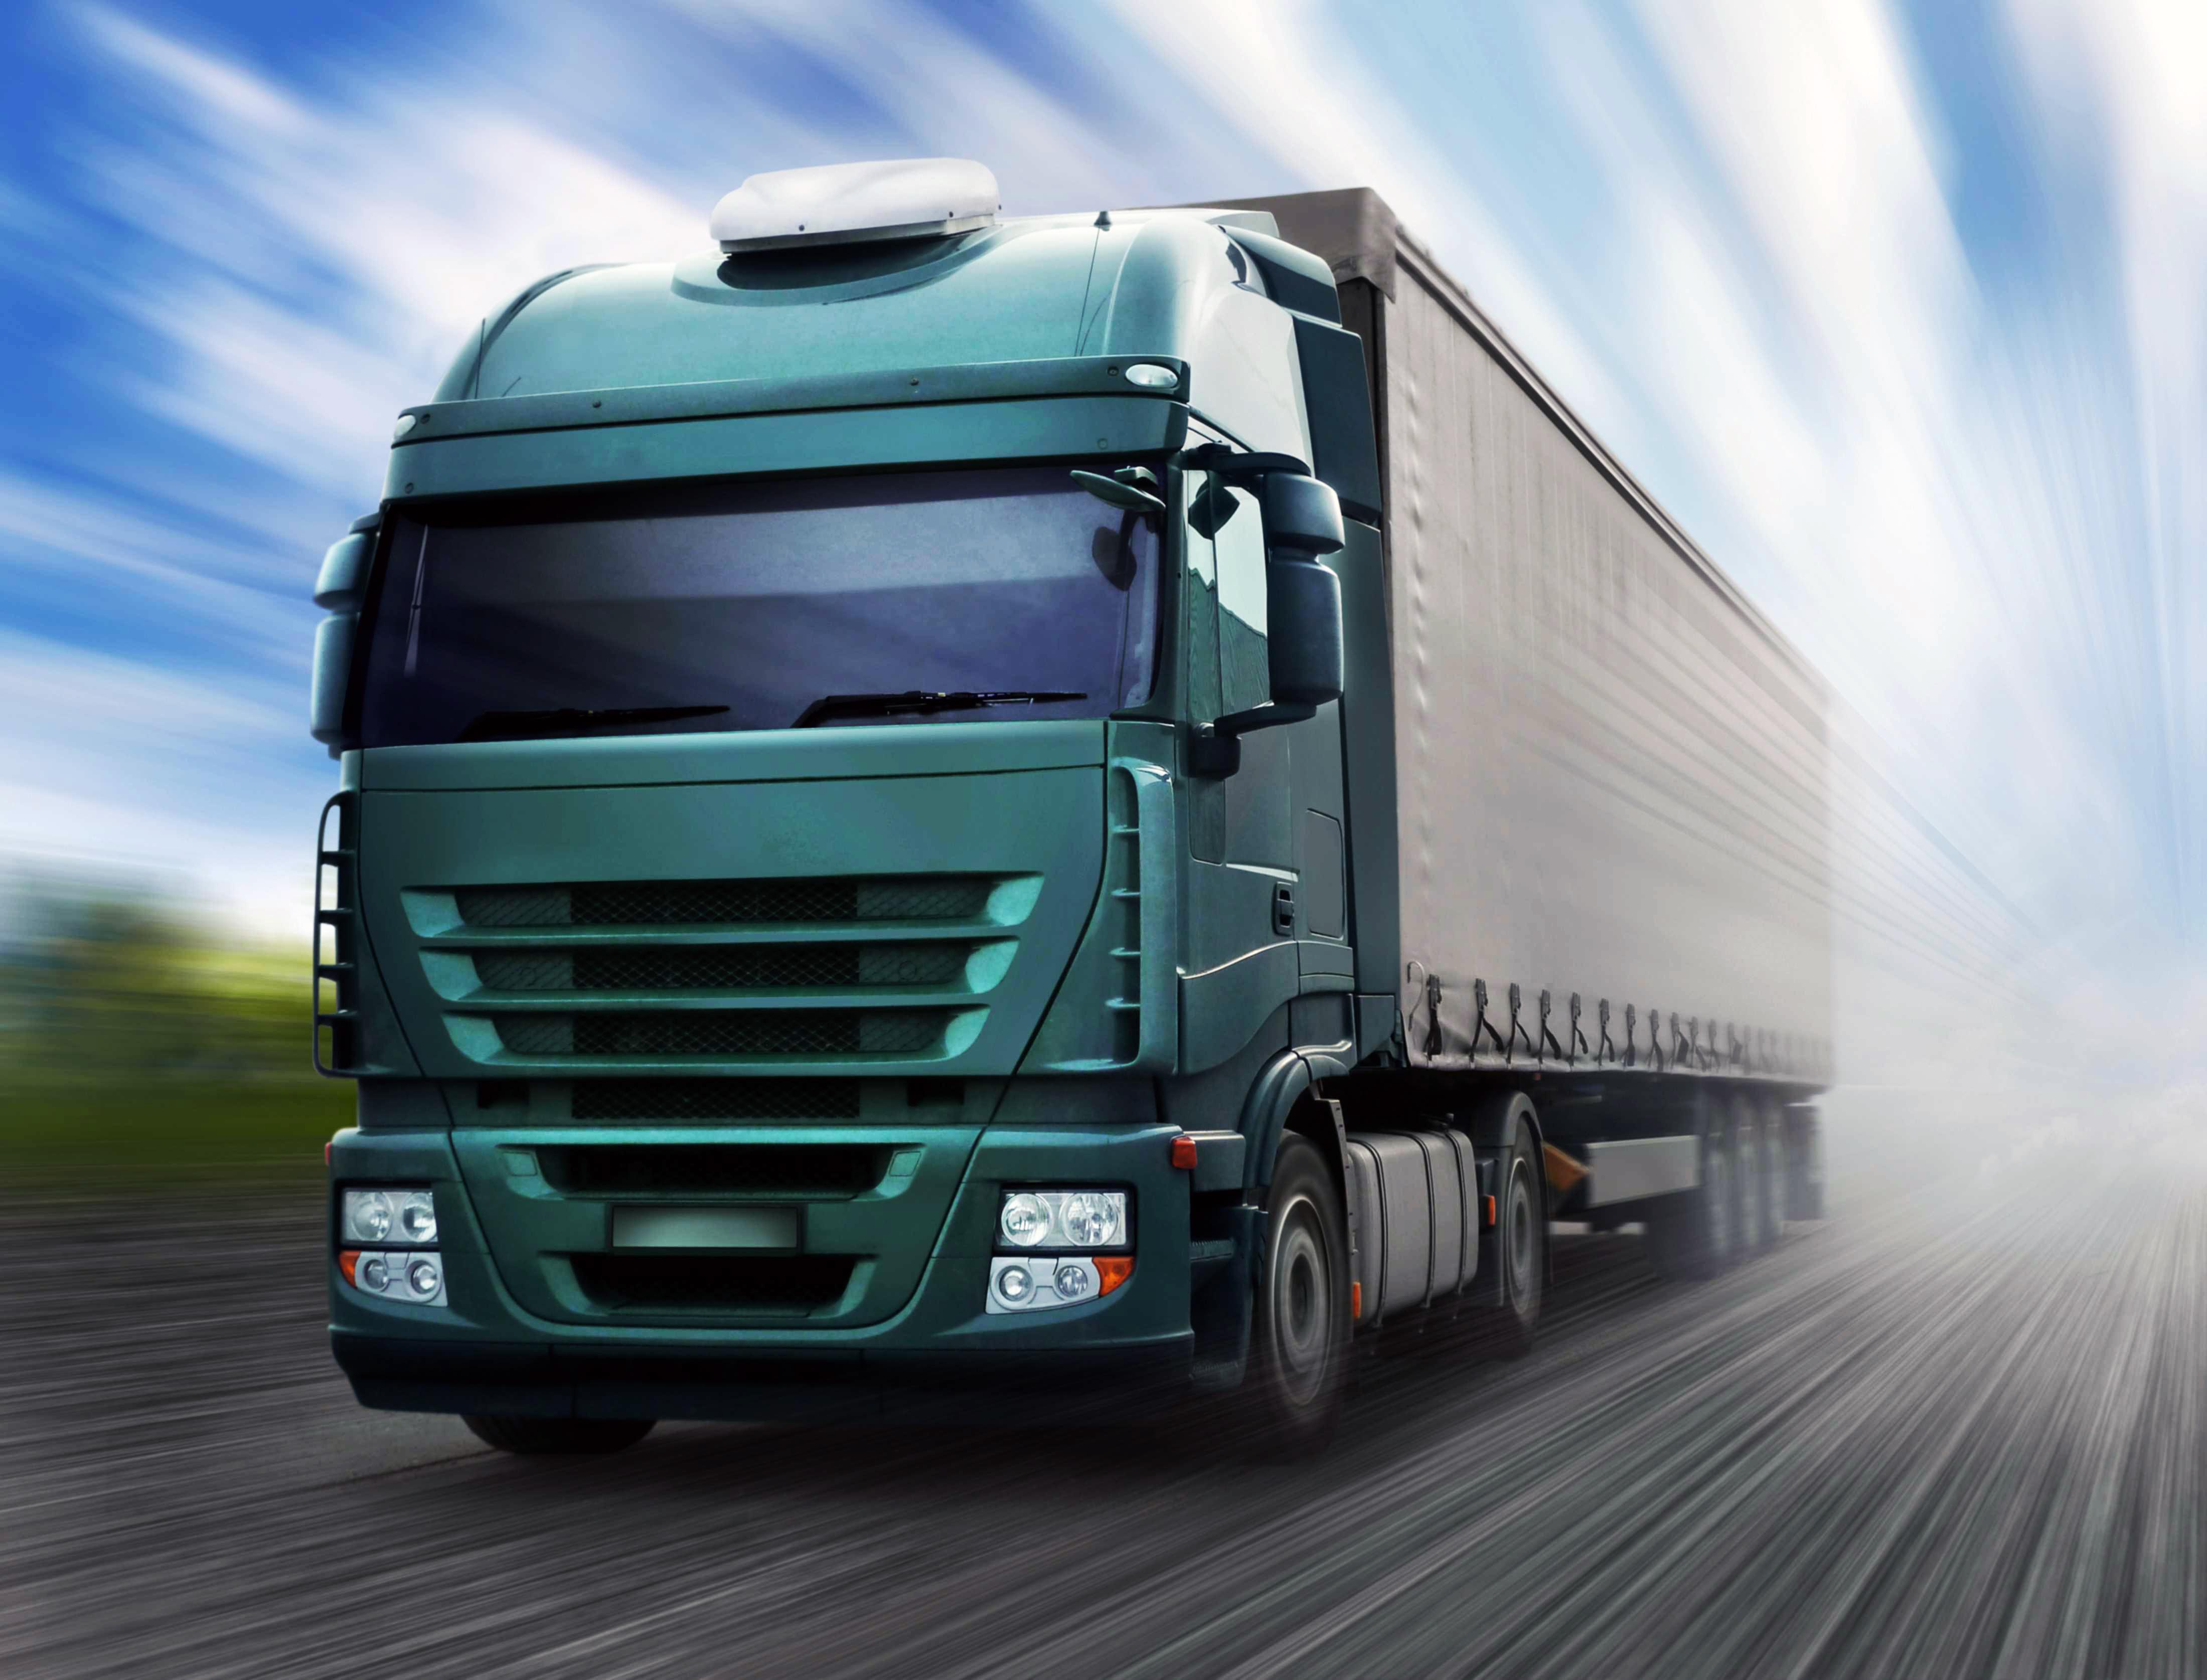 Информация о доставке геоматериалов транспортной компанией